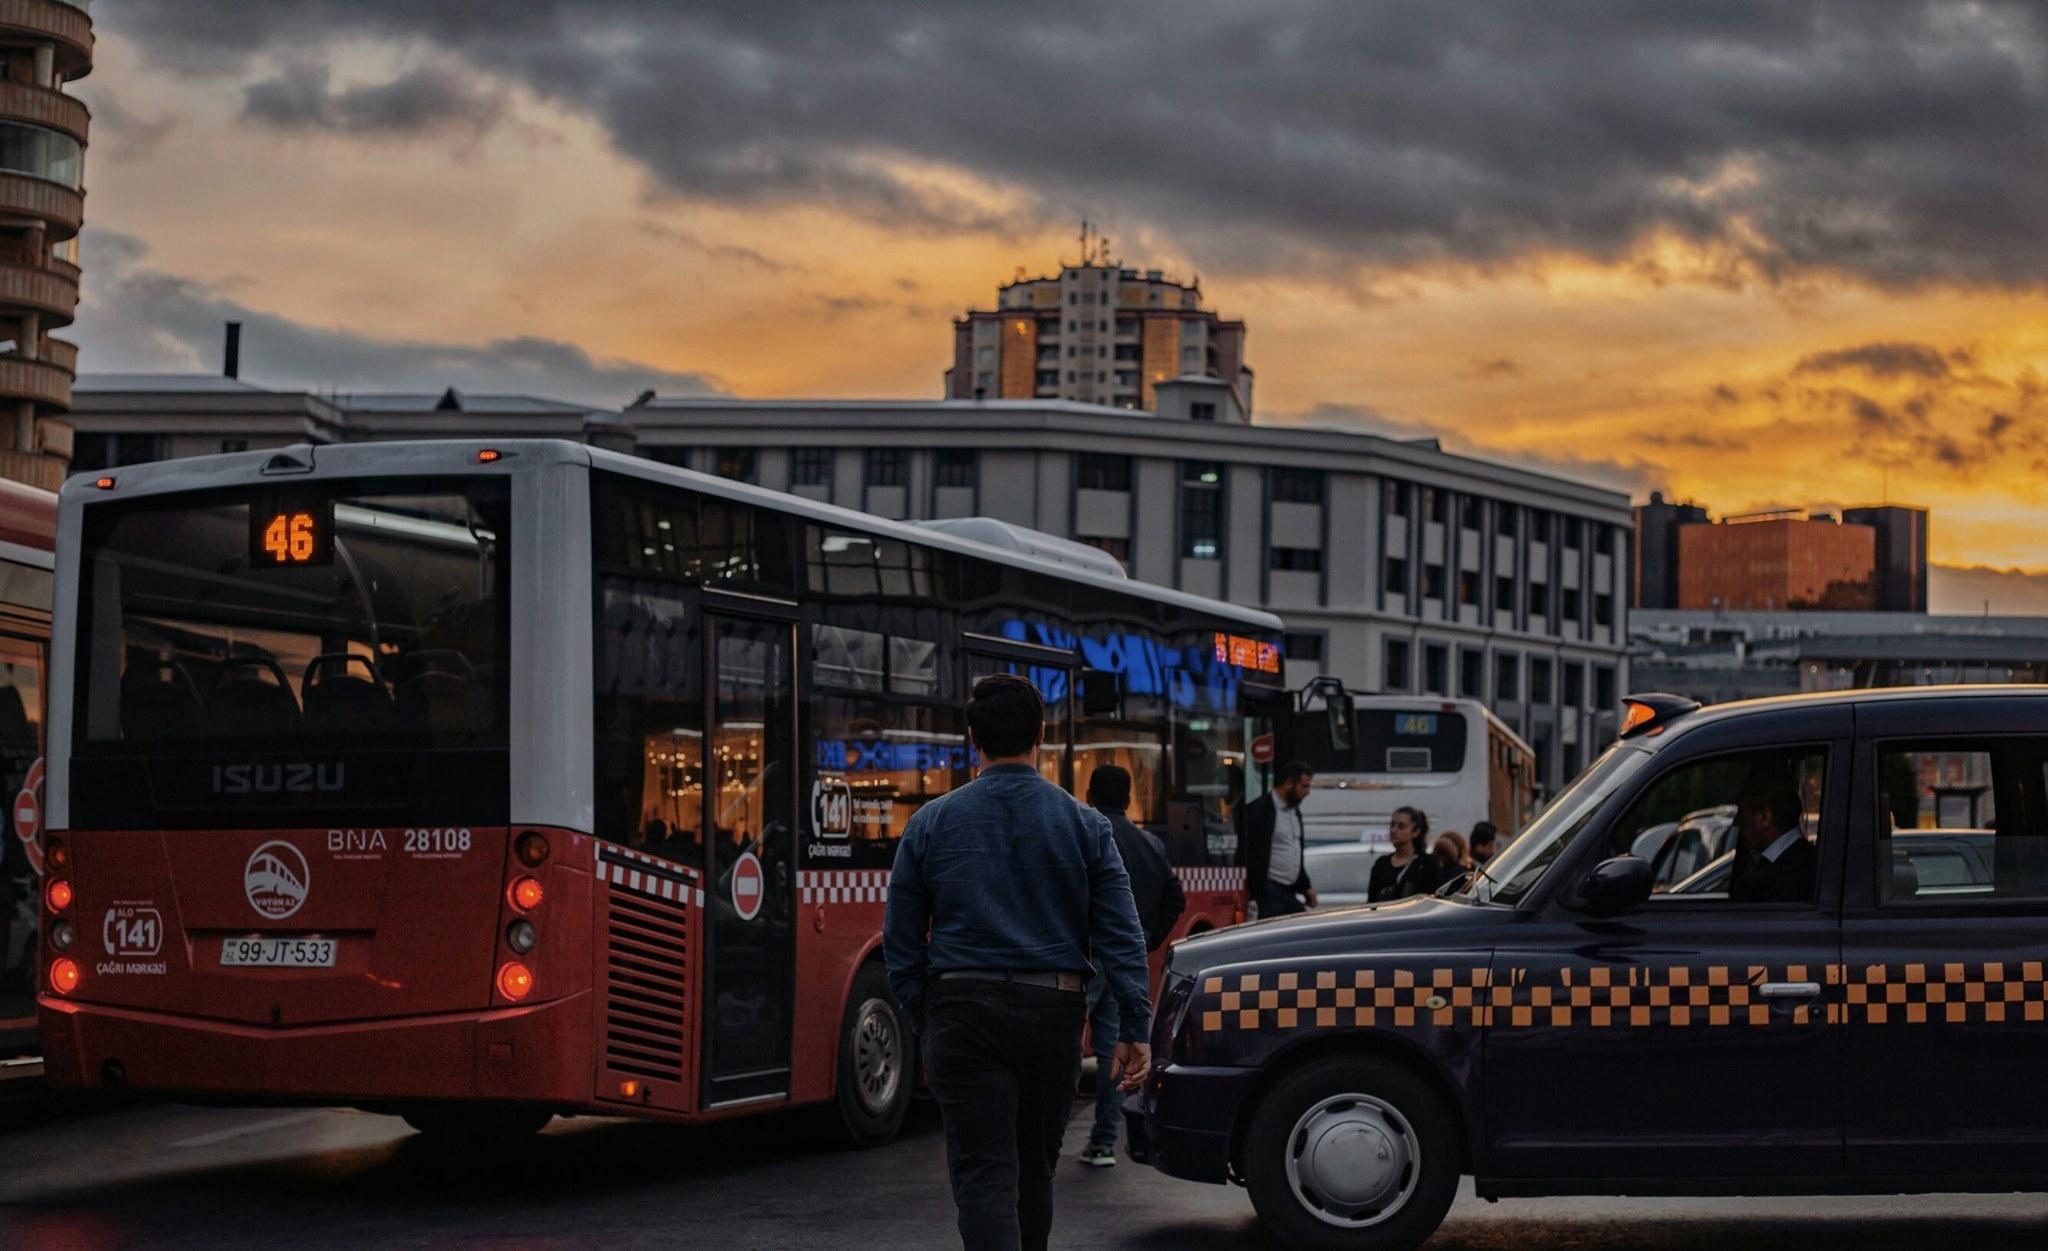 Avtobuslarda qiymət artımı ilə bağlı iddiaya RƏSMİ AÇIQLAMA